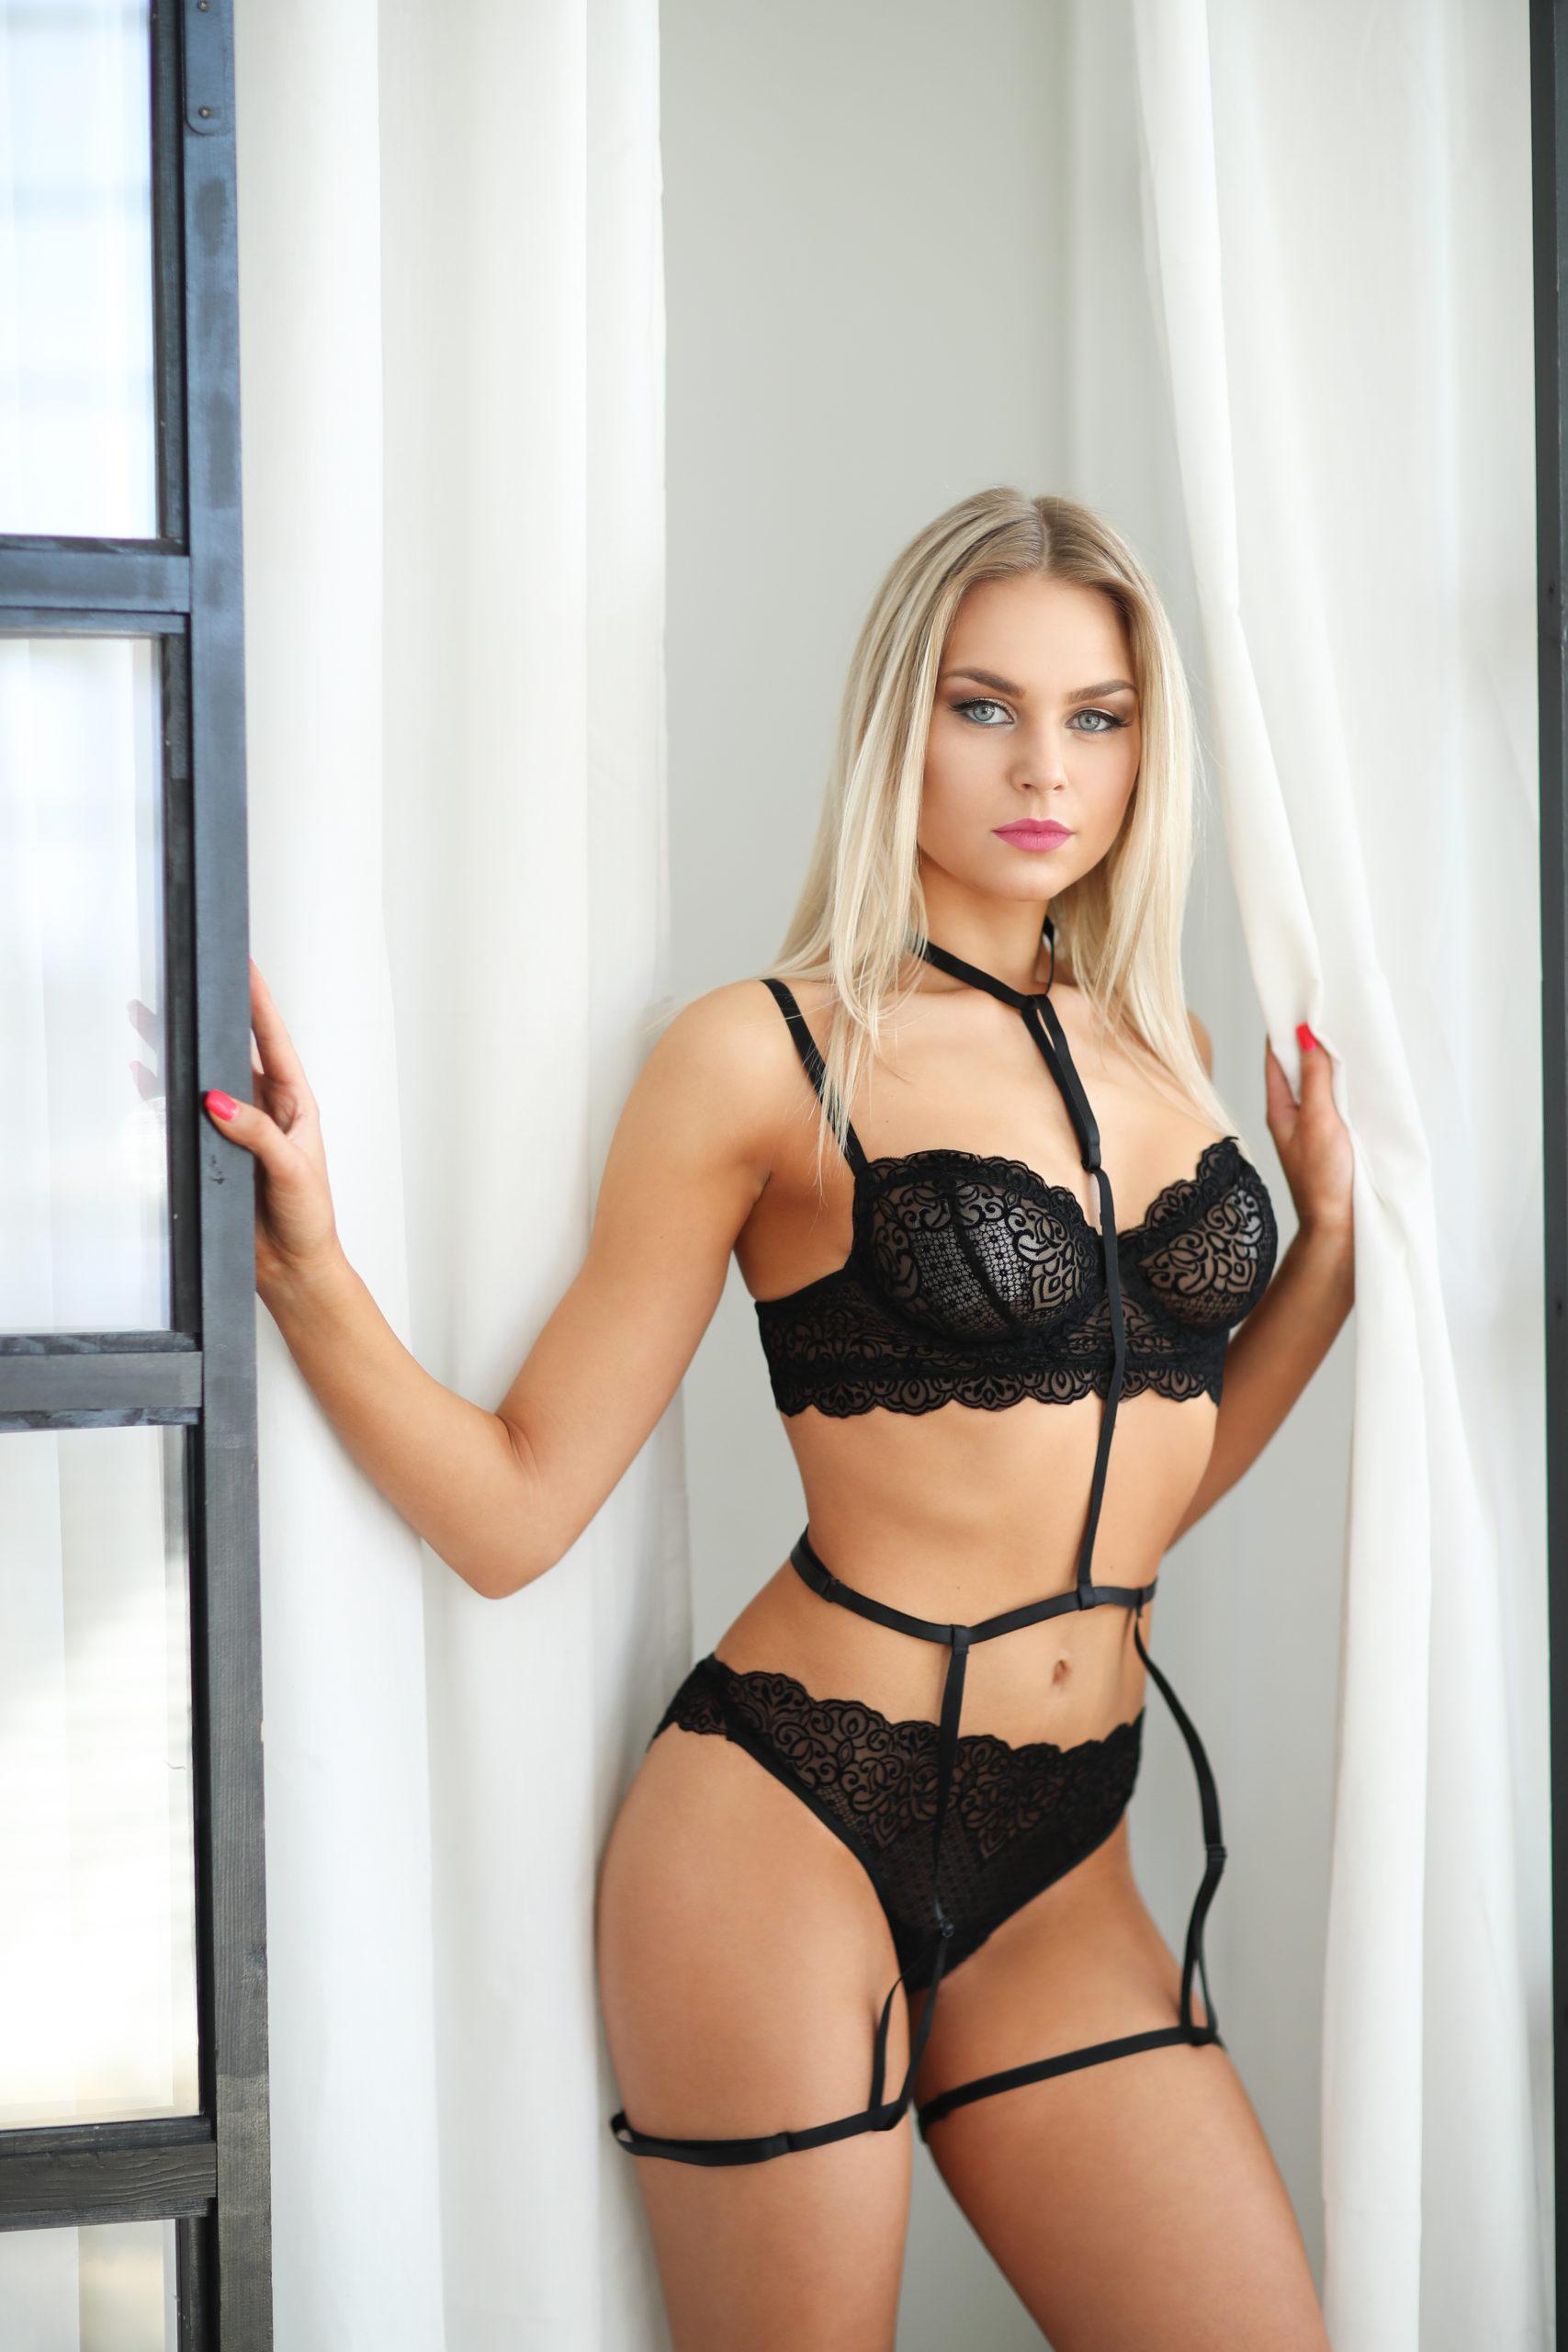 Młoda blondynka nago na sex - Koniecpol